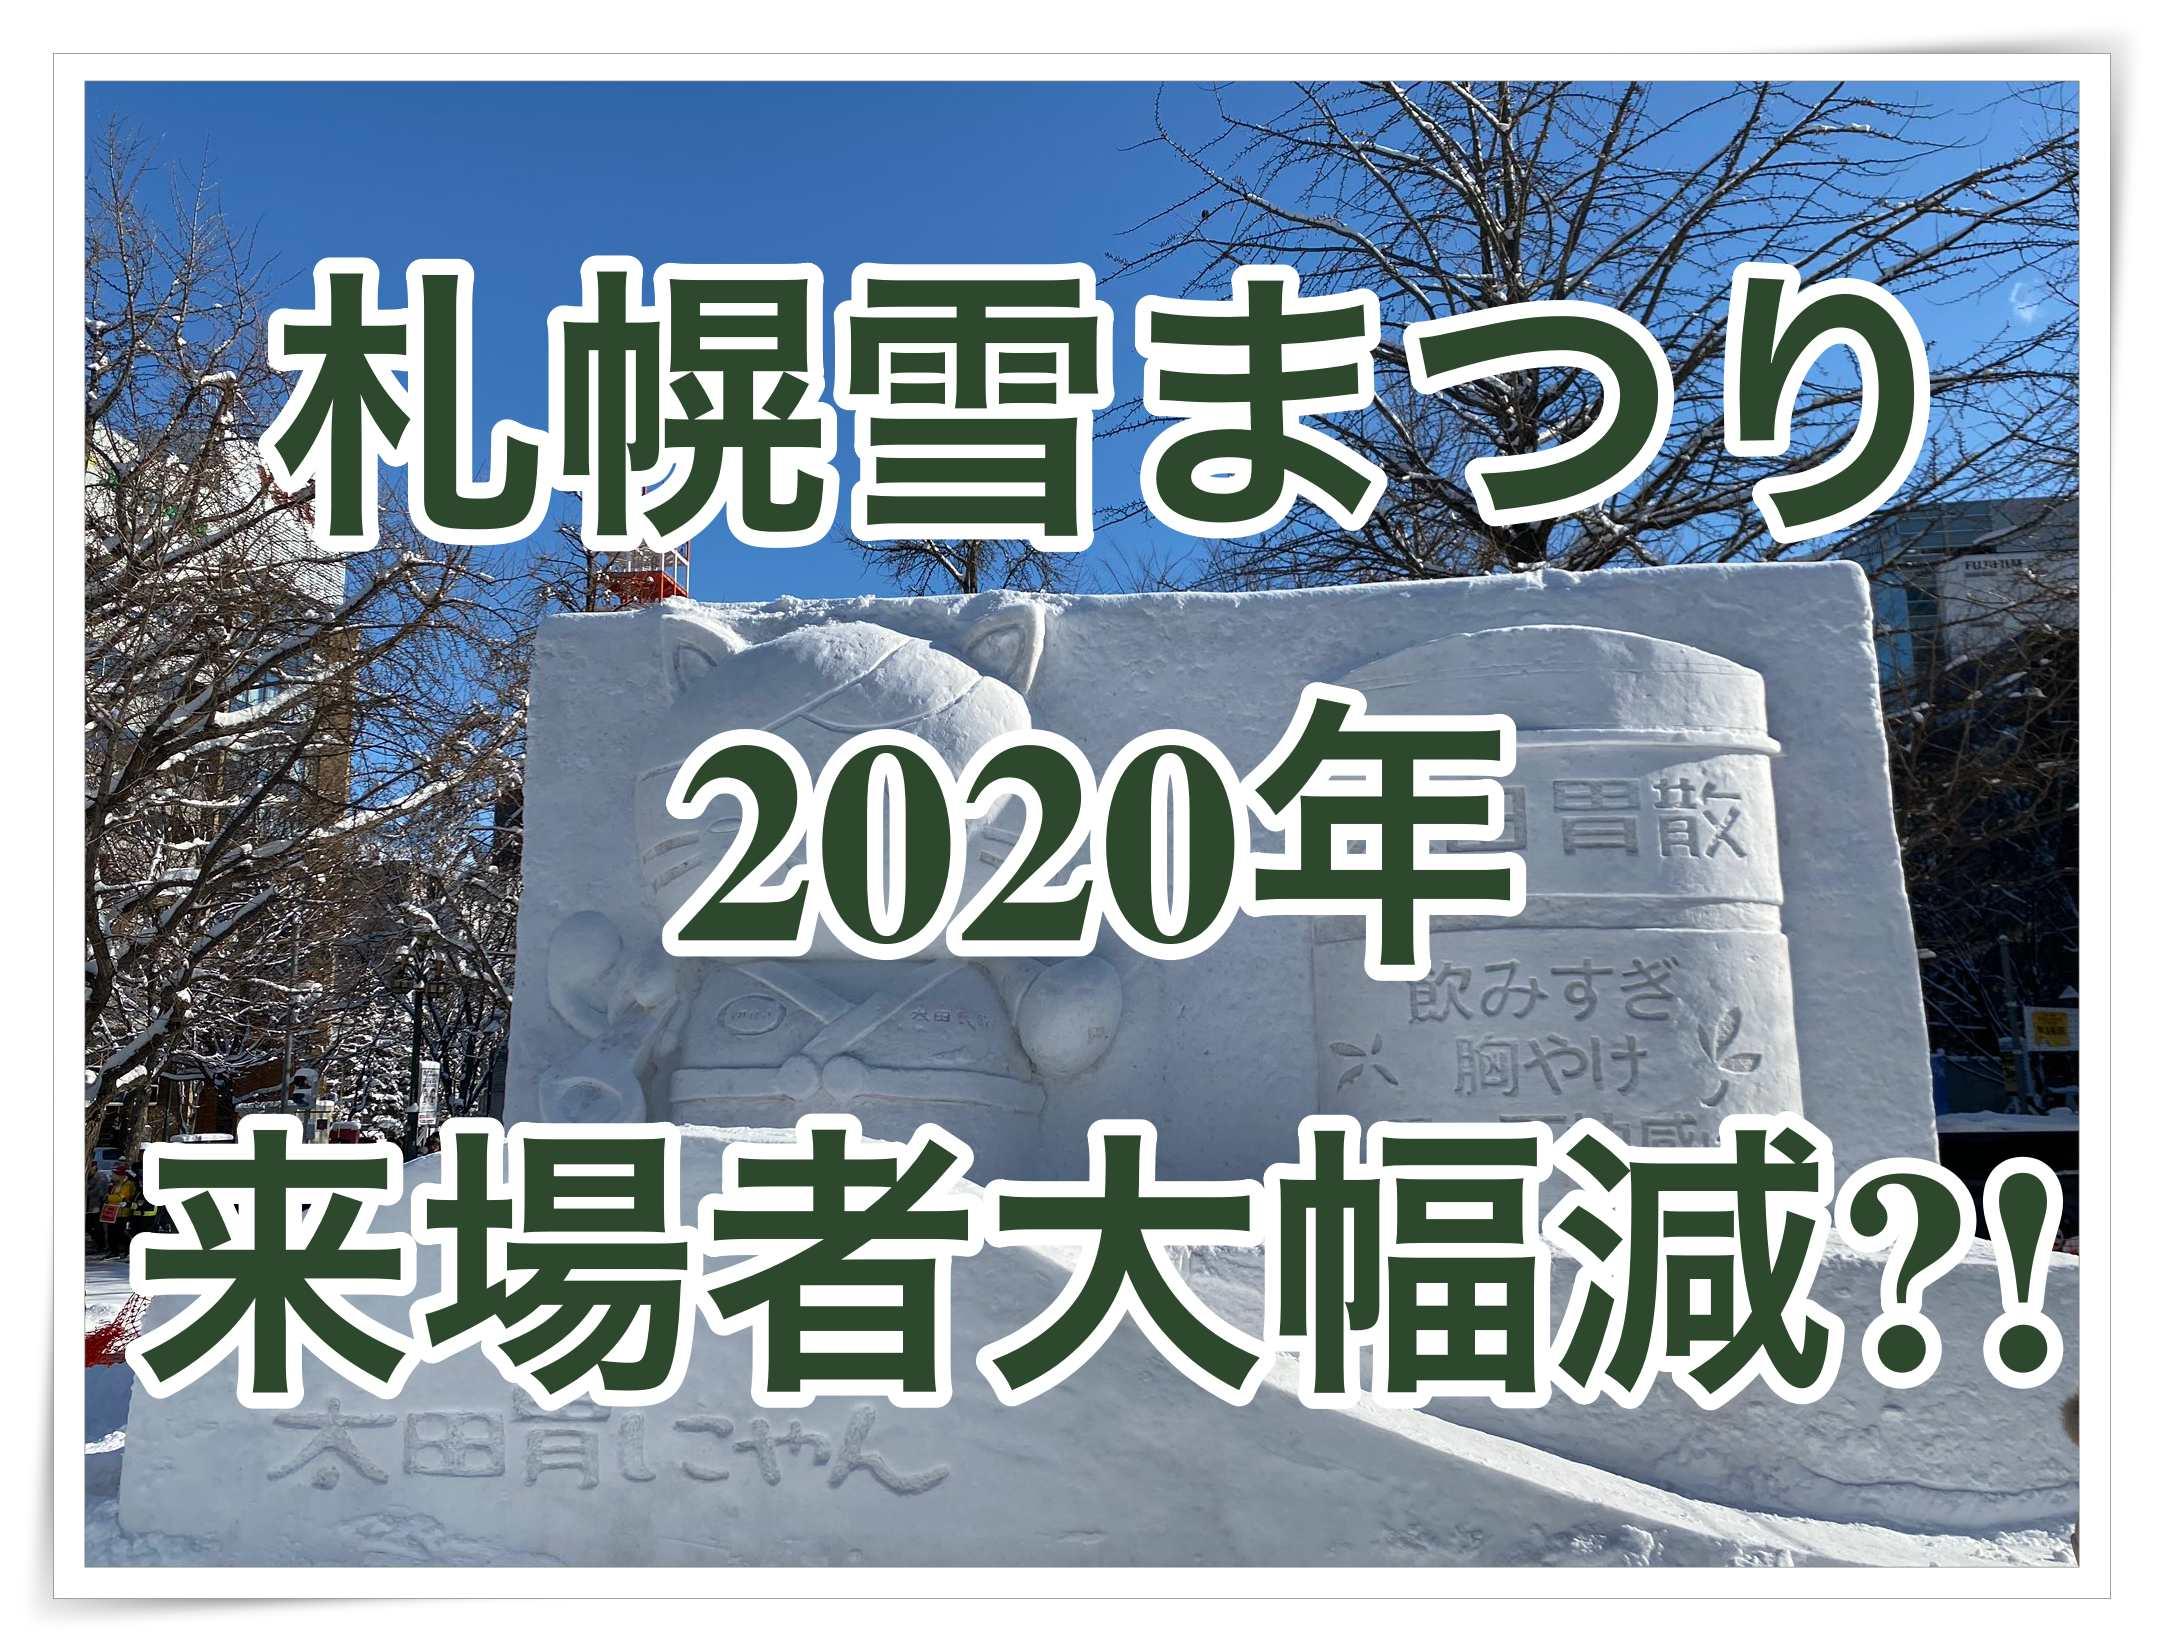 札幌雪まつり来場者